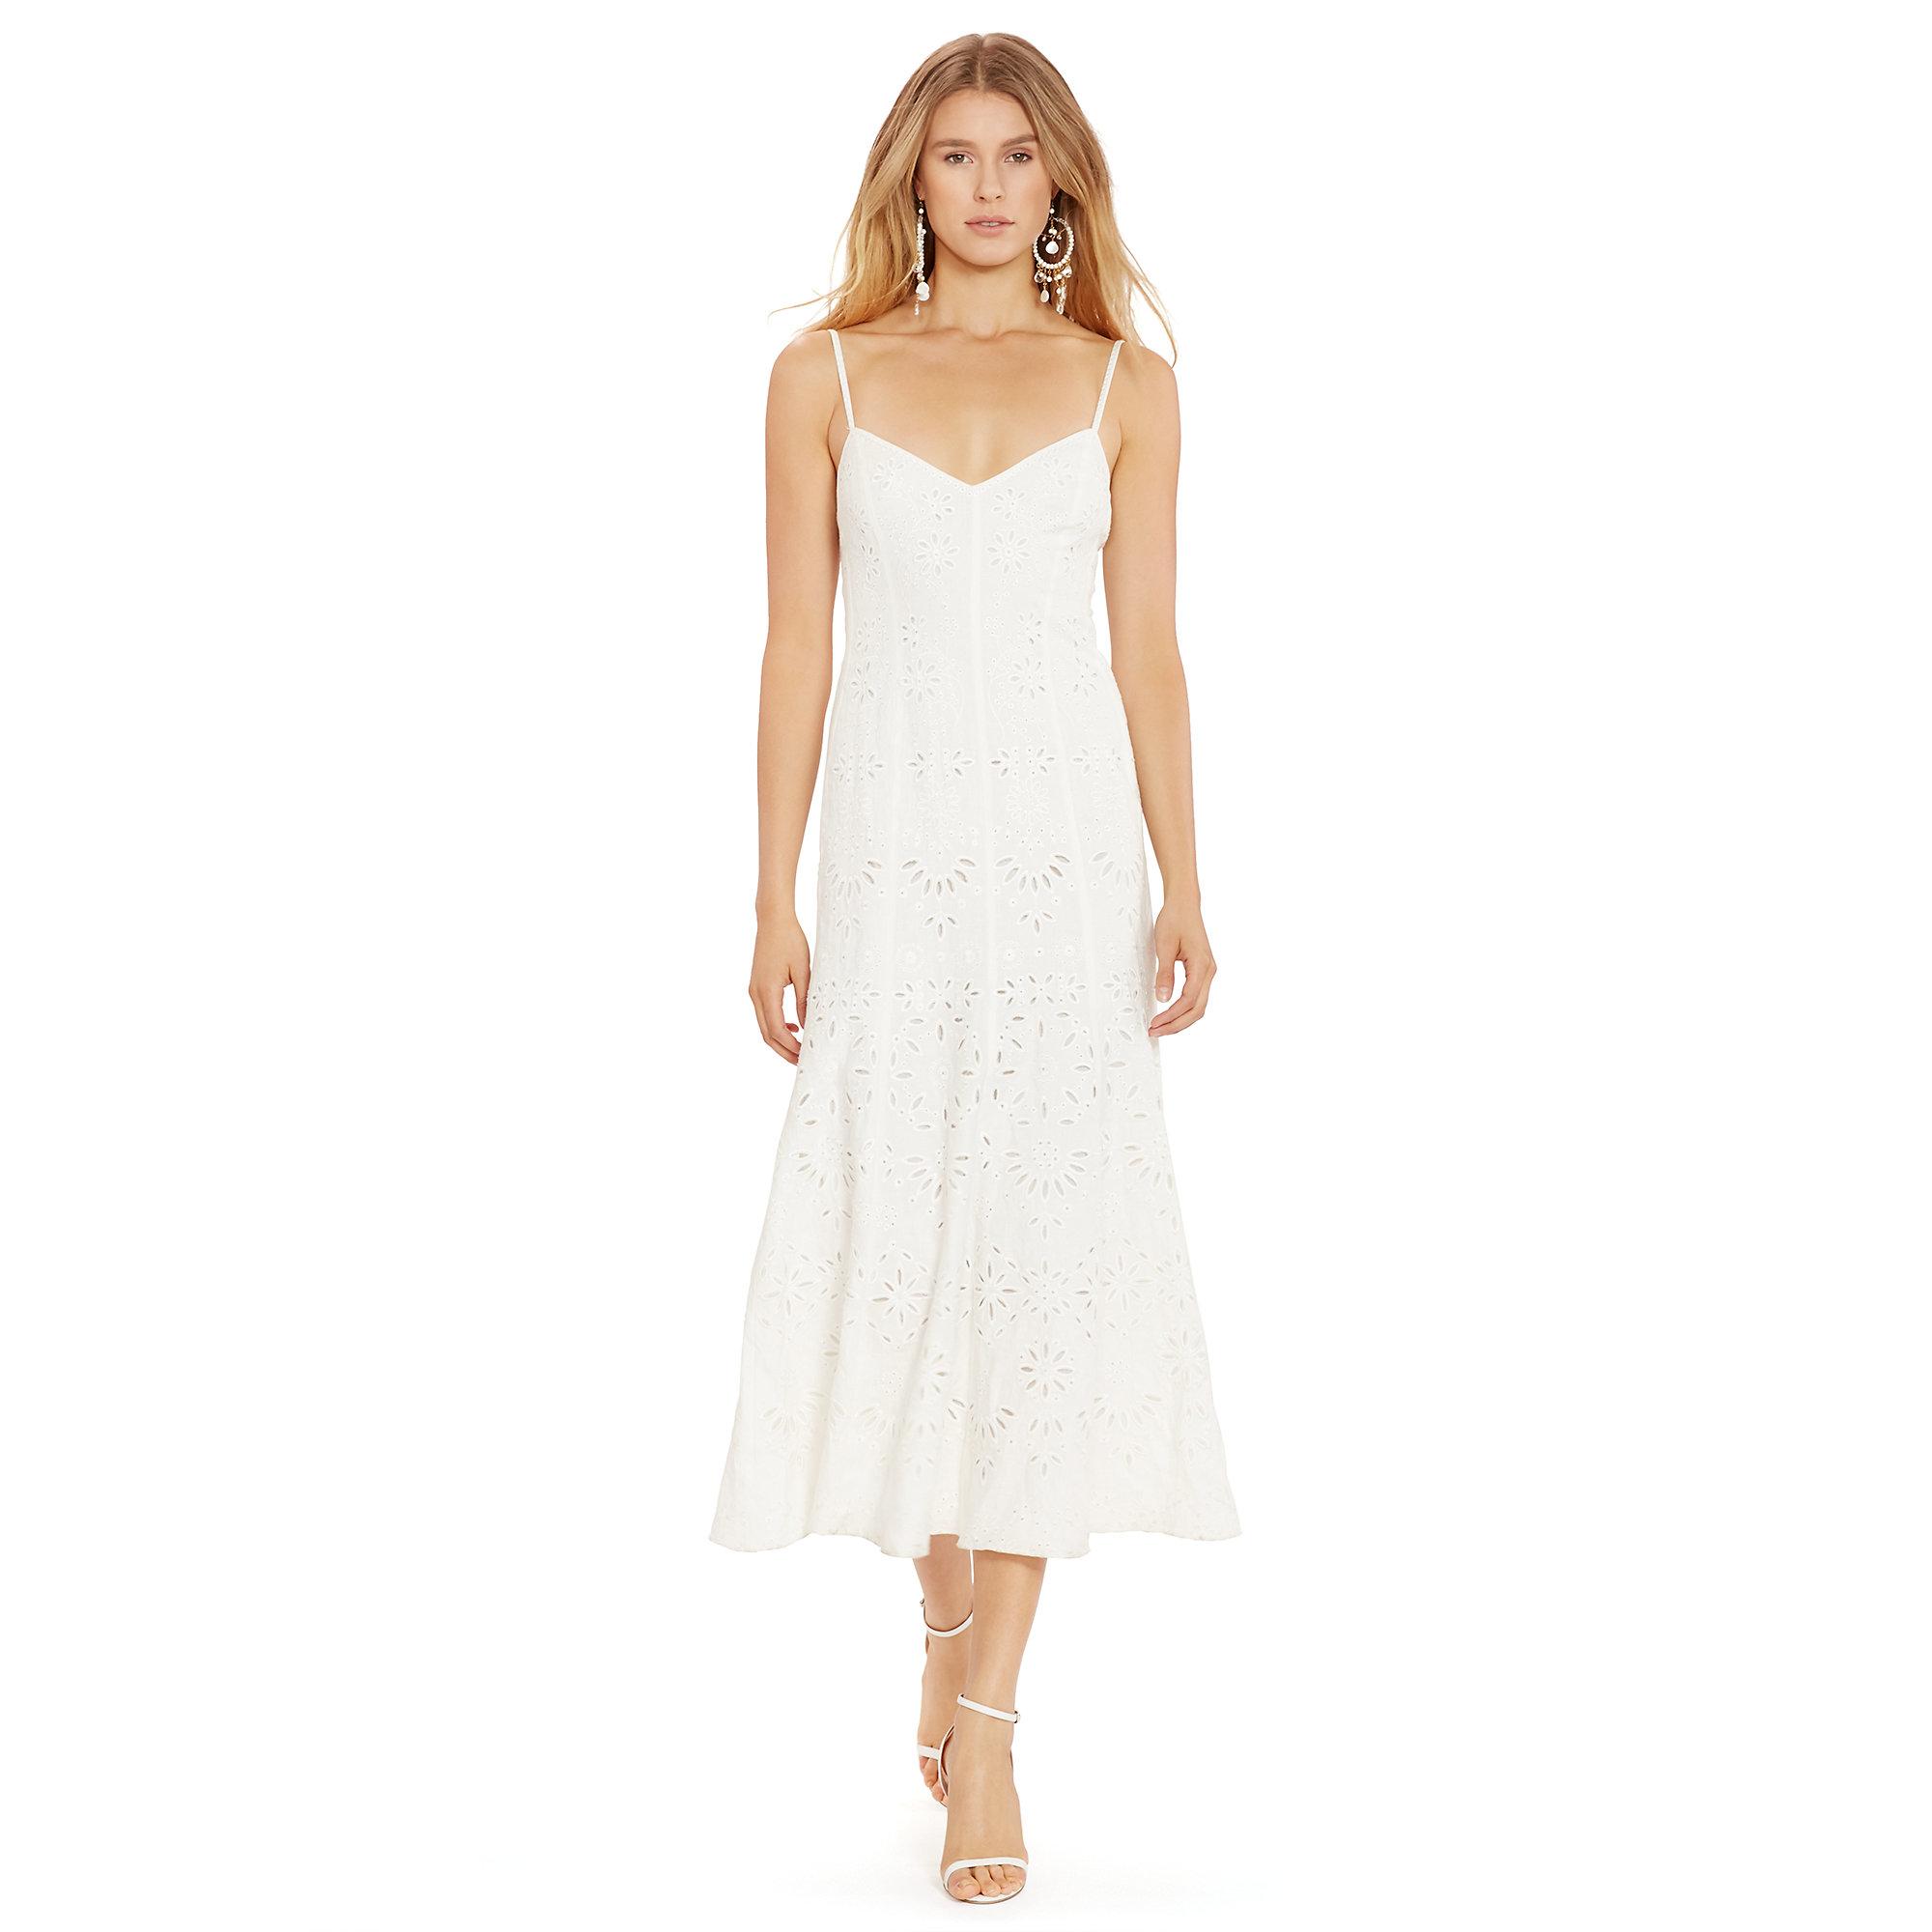 d86e4d80c54 Lyst - Polo Ralph Lauren Eyelet Linen Maxidress in White